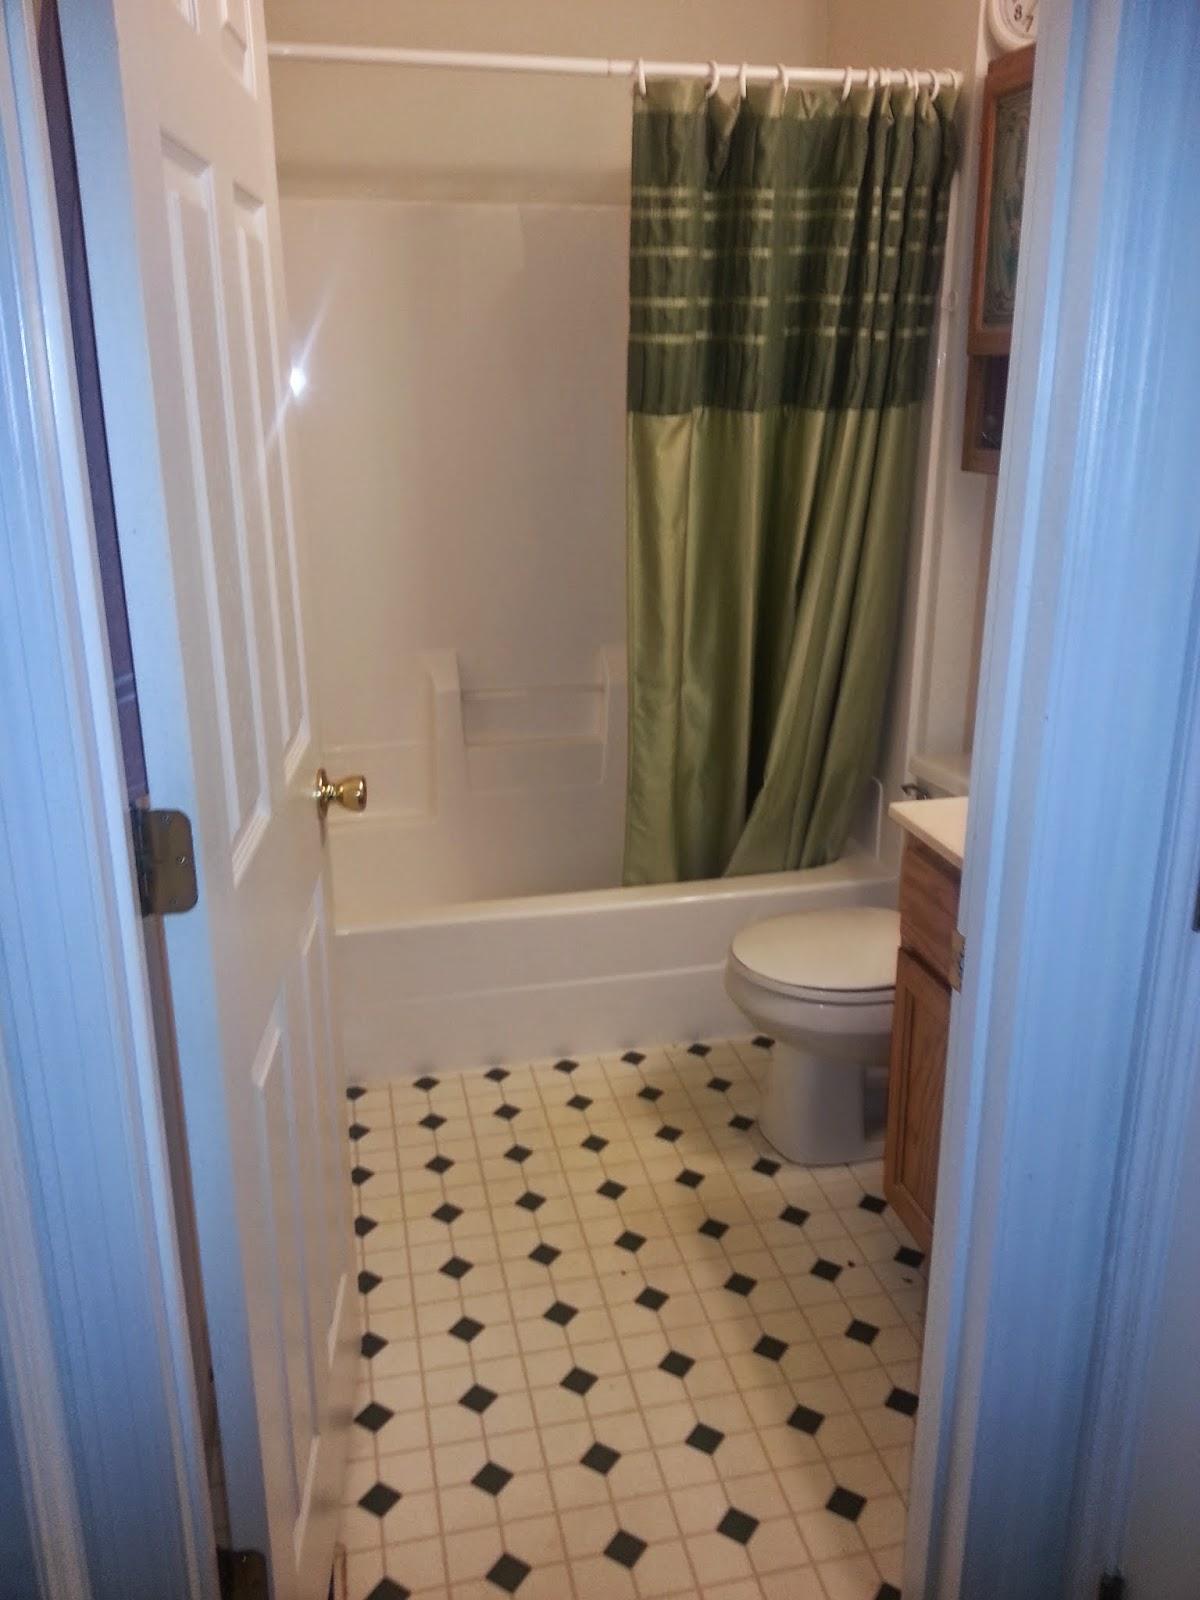 Plywood for bathroom floor - Bathroom Floor Plywood Mold Hd Gallery